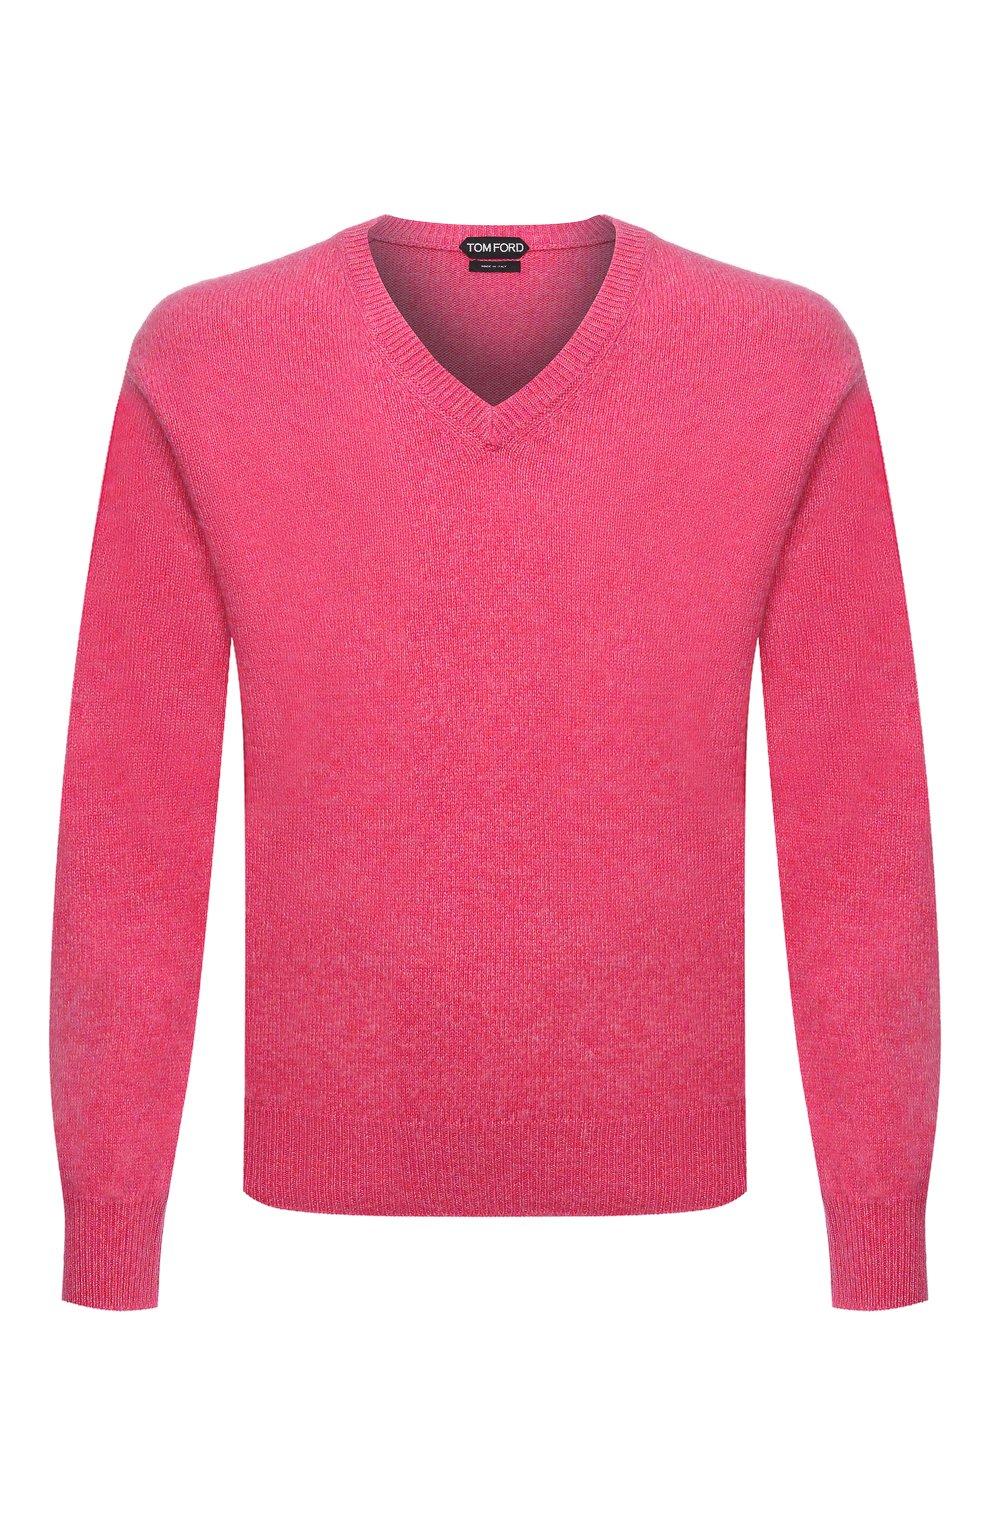 Мужской кашемировый свитер TOM FORD розового цвета, арт. BWK70/TFK100   Фото 1 (Материал внешний: Шерсть; Рукава: Длинные; Принт: Без принта; Длина (для топов): Стандартные; Стили: Романтичный)